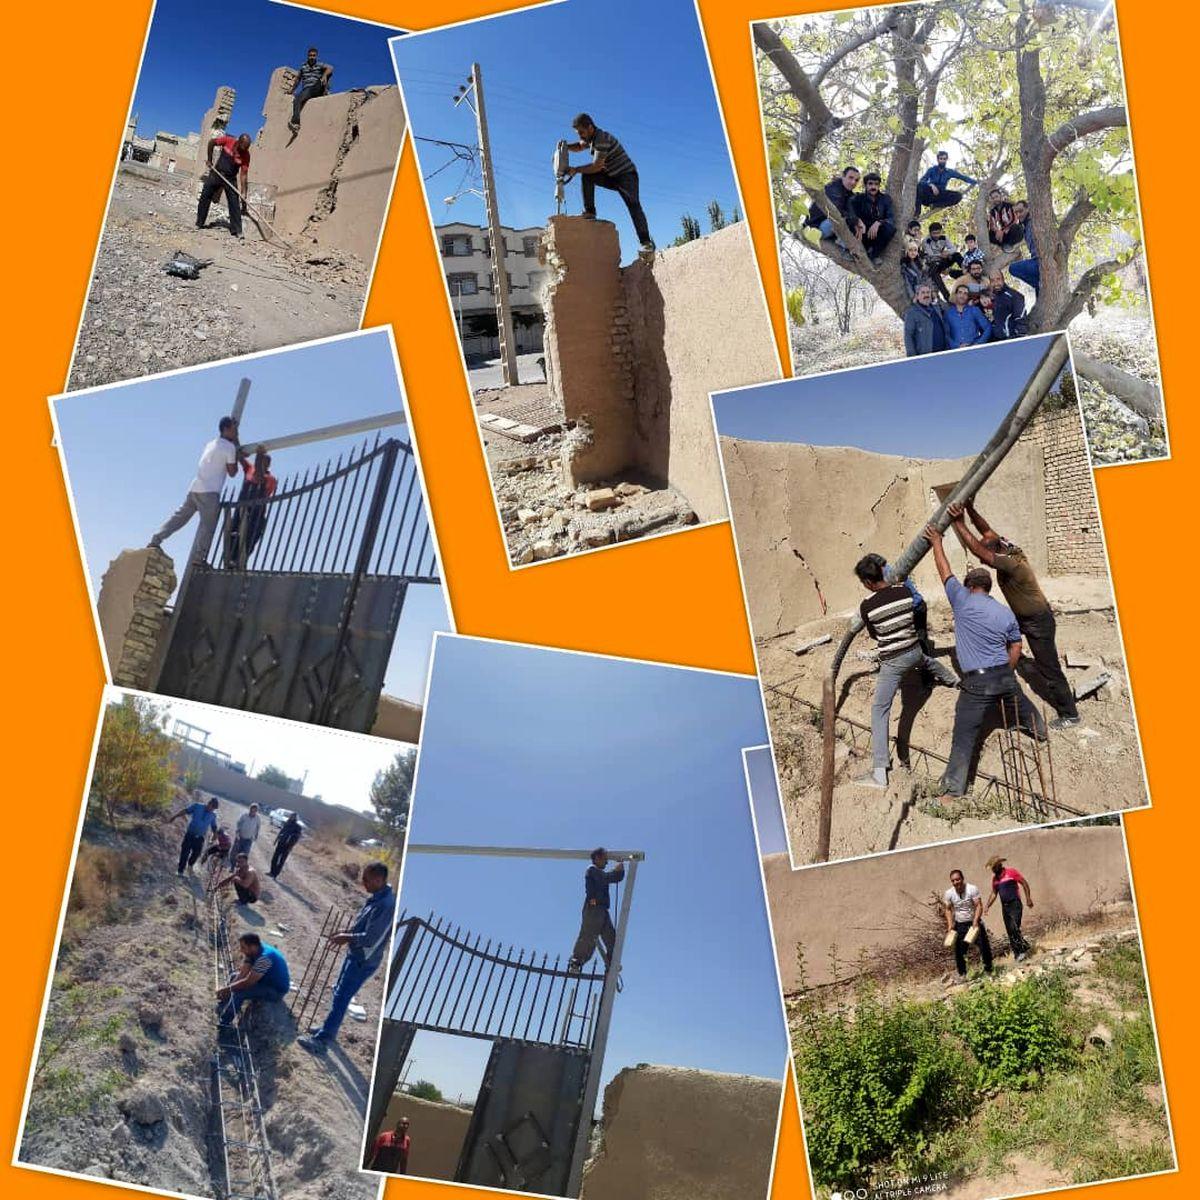 تشکیل کارگروهی در خصوص وقفی بودن منطقه هرستان در خمینی شهر